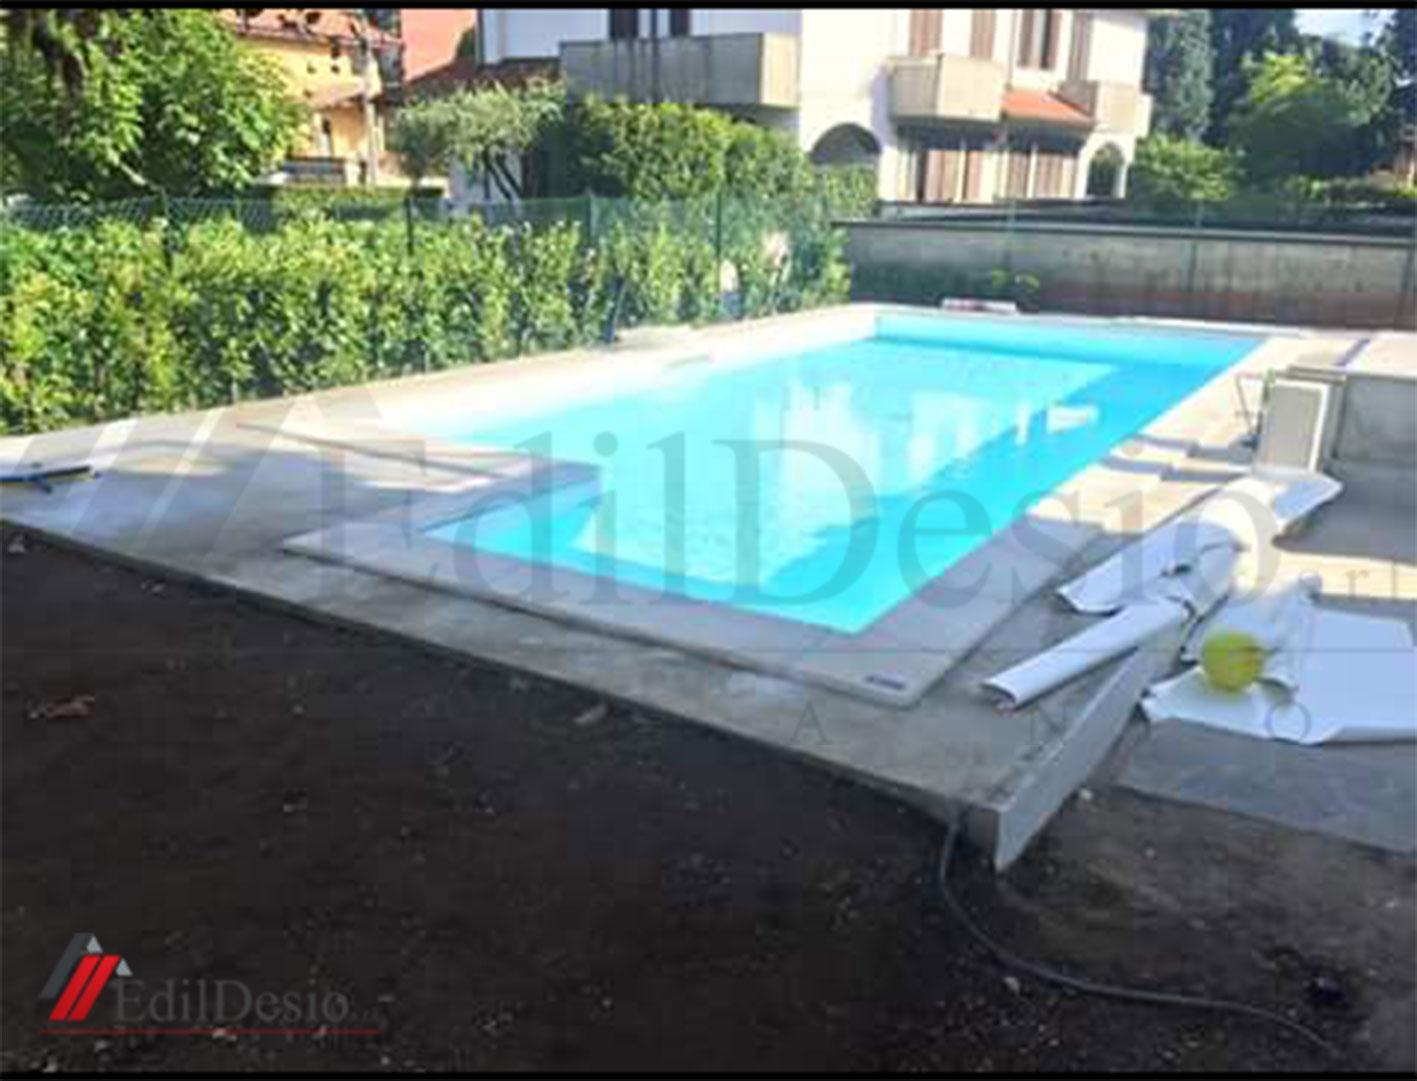 Realizzazione di piscina a milano - Piscine di milano ...